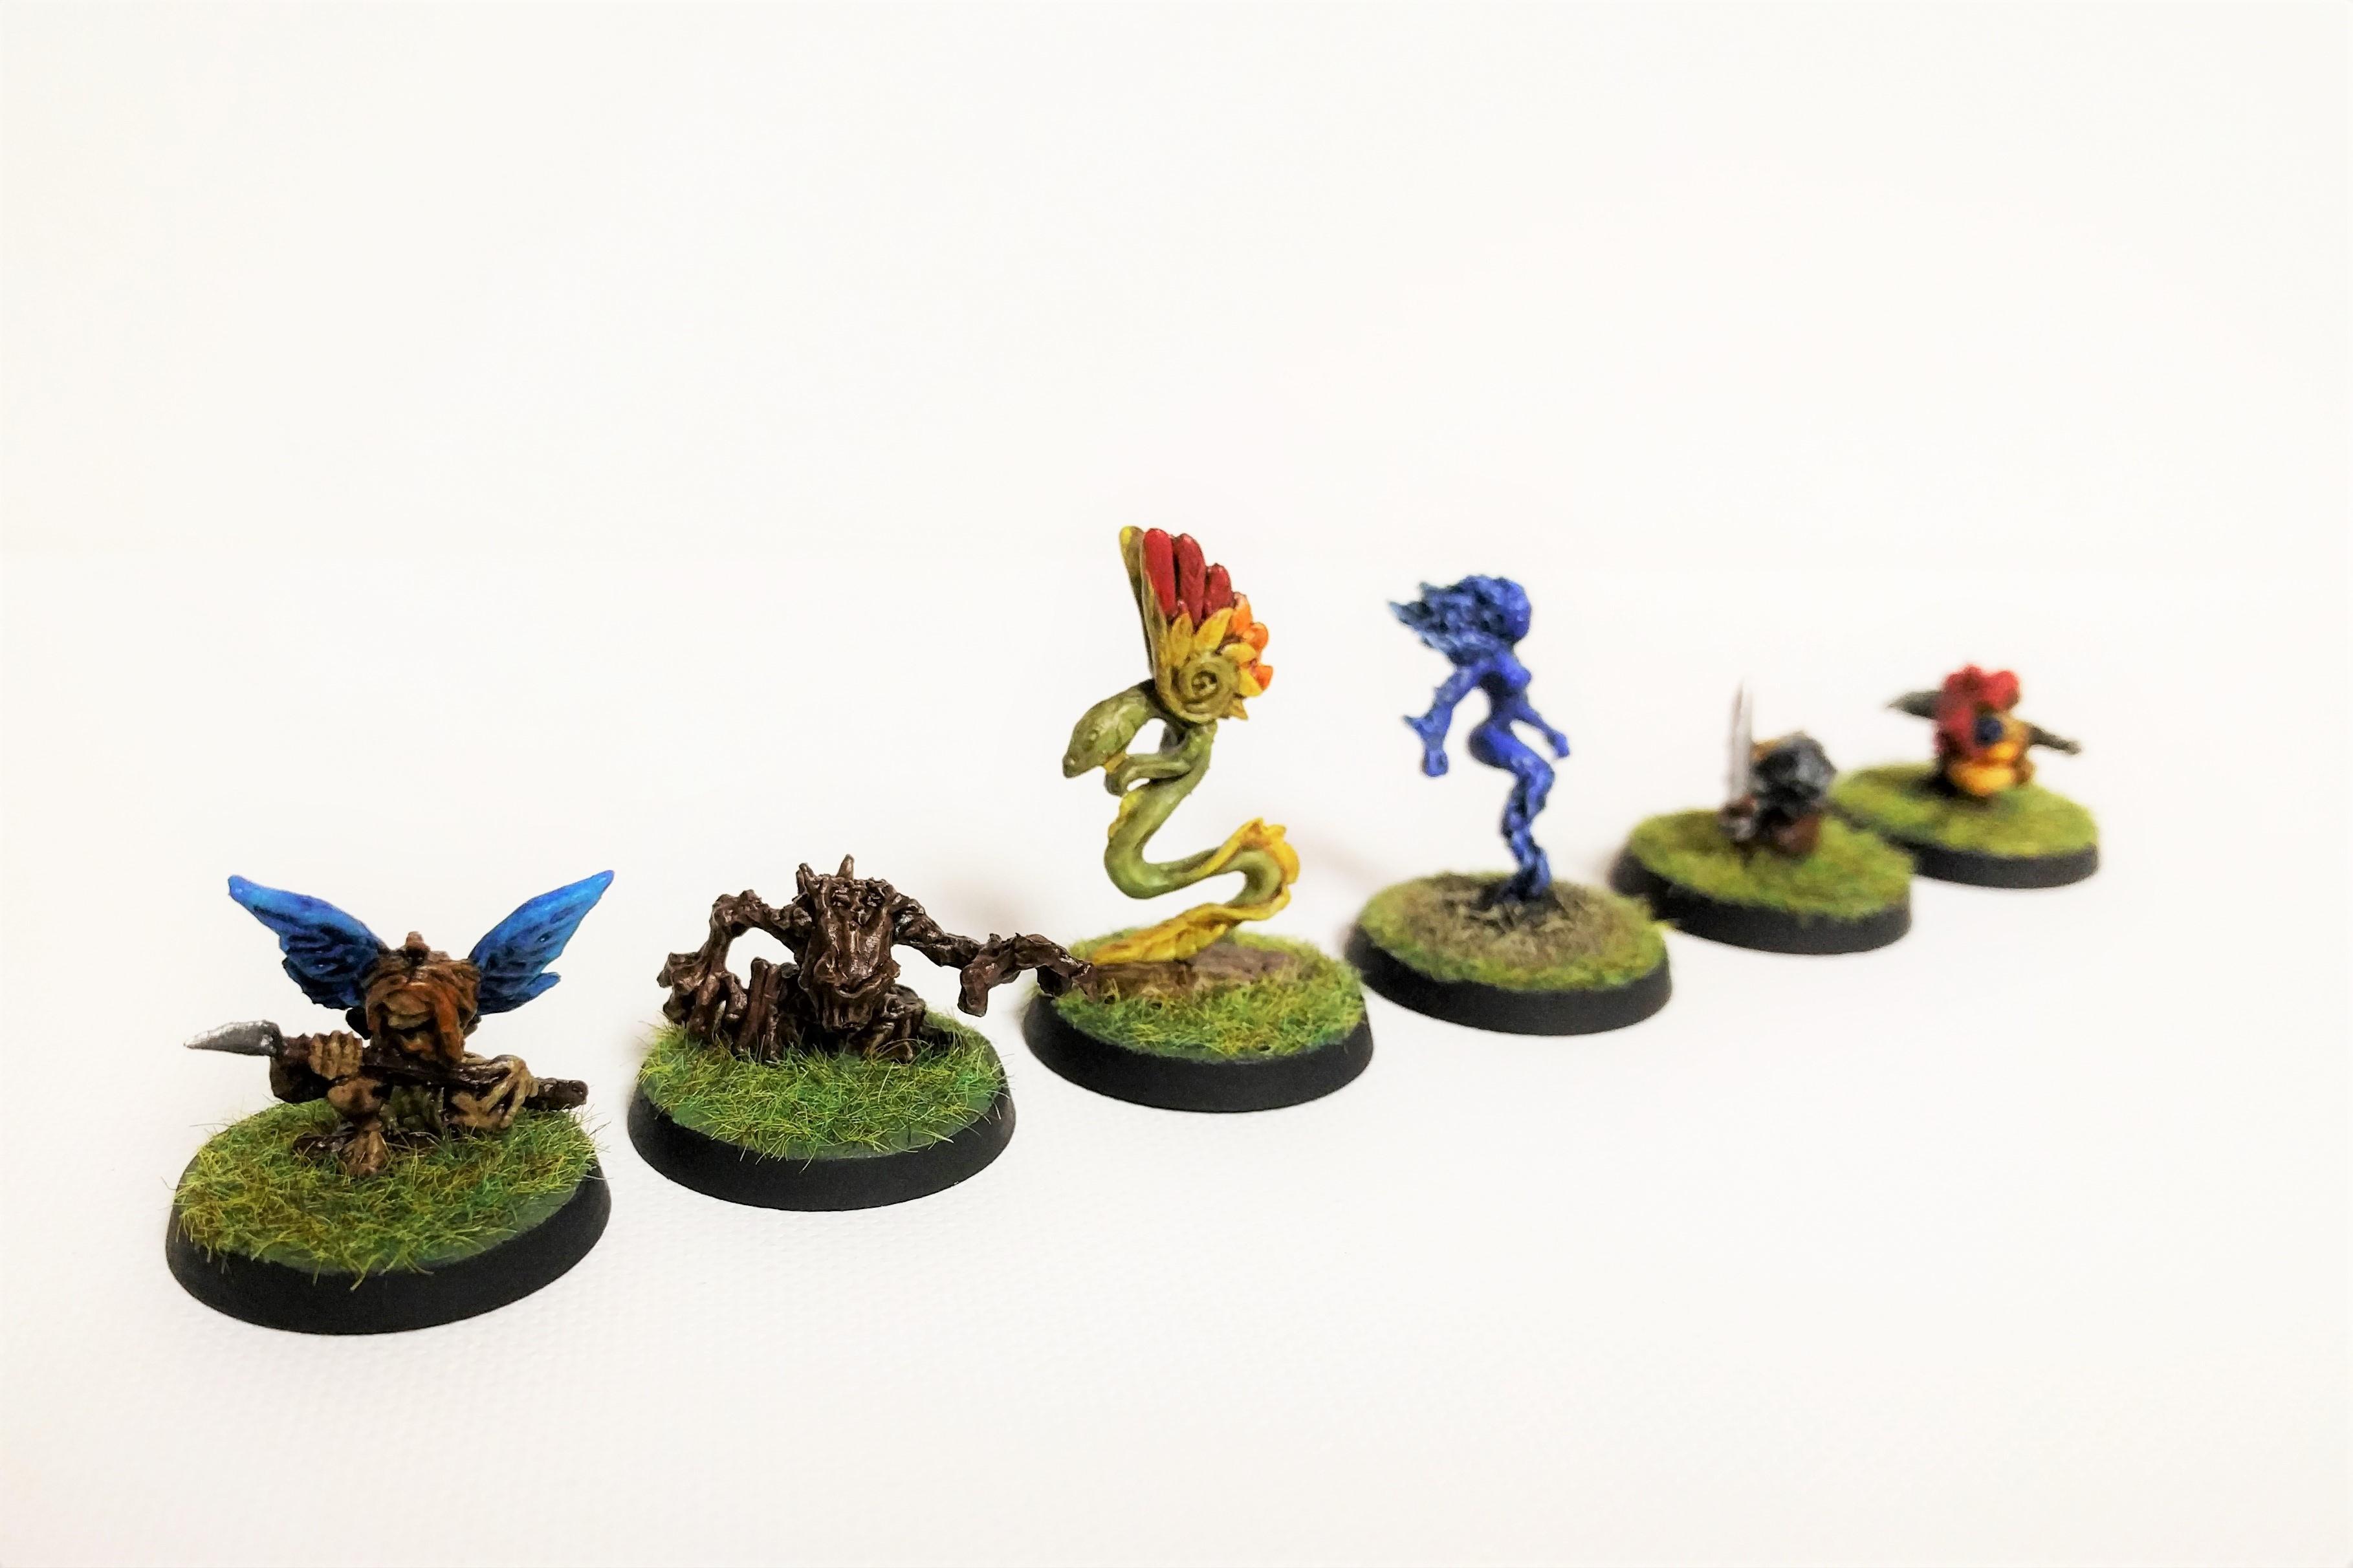 Bones, Familiars, Reaper, Reaper Minis